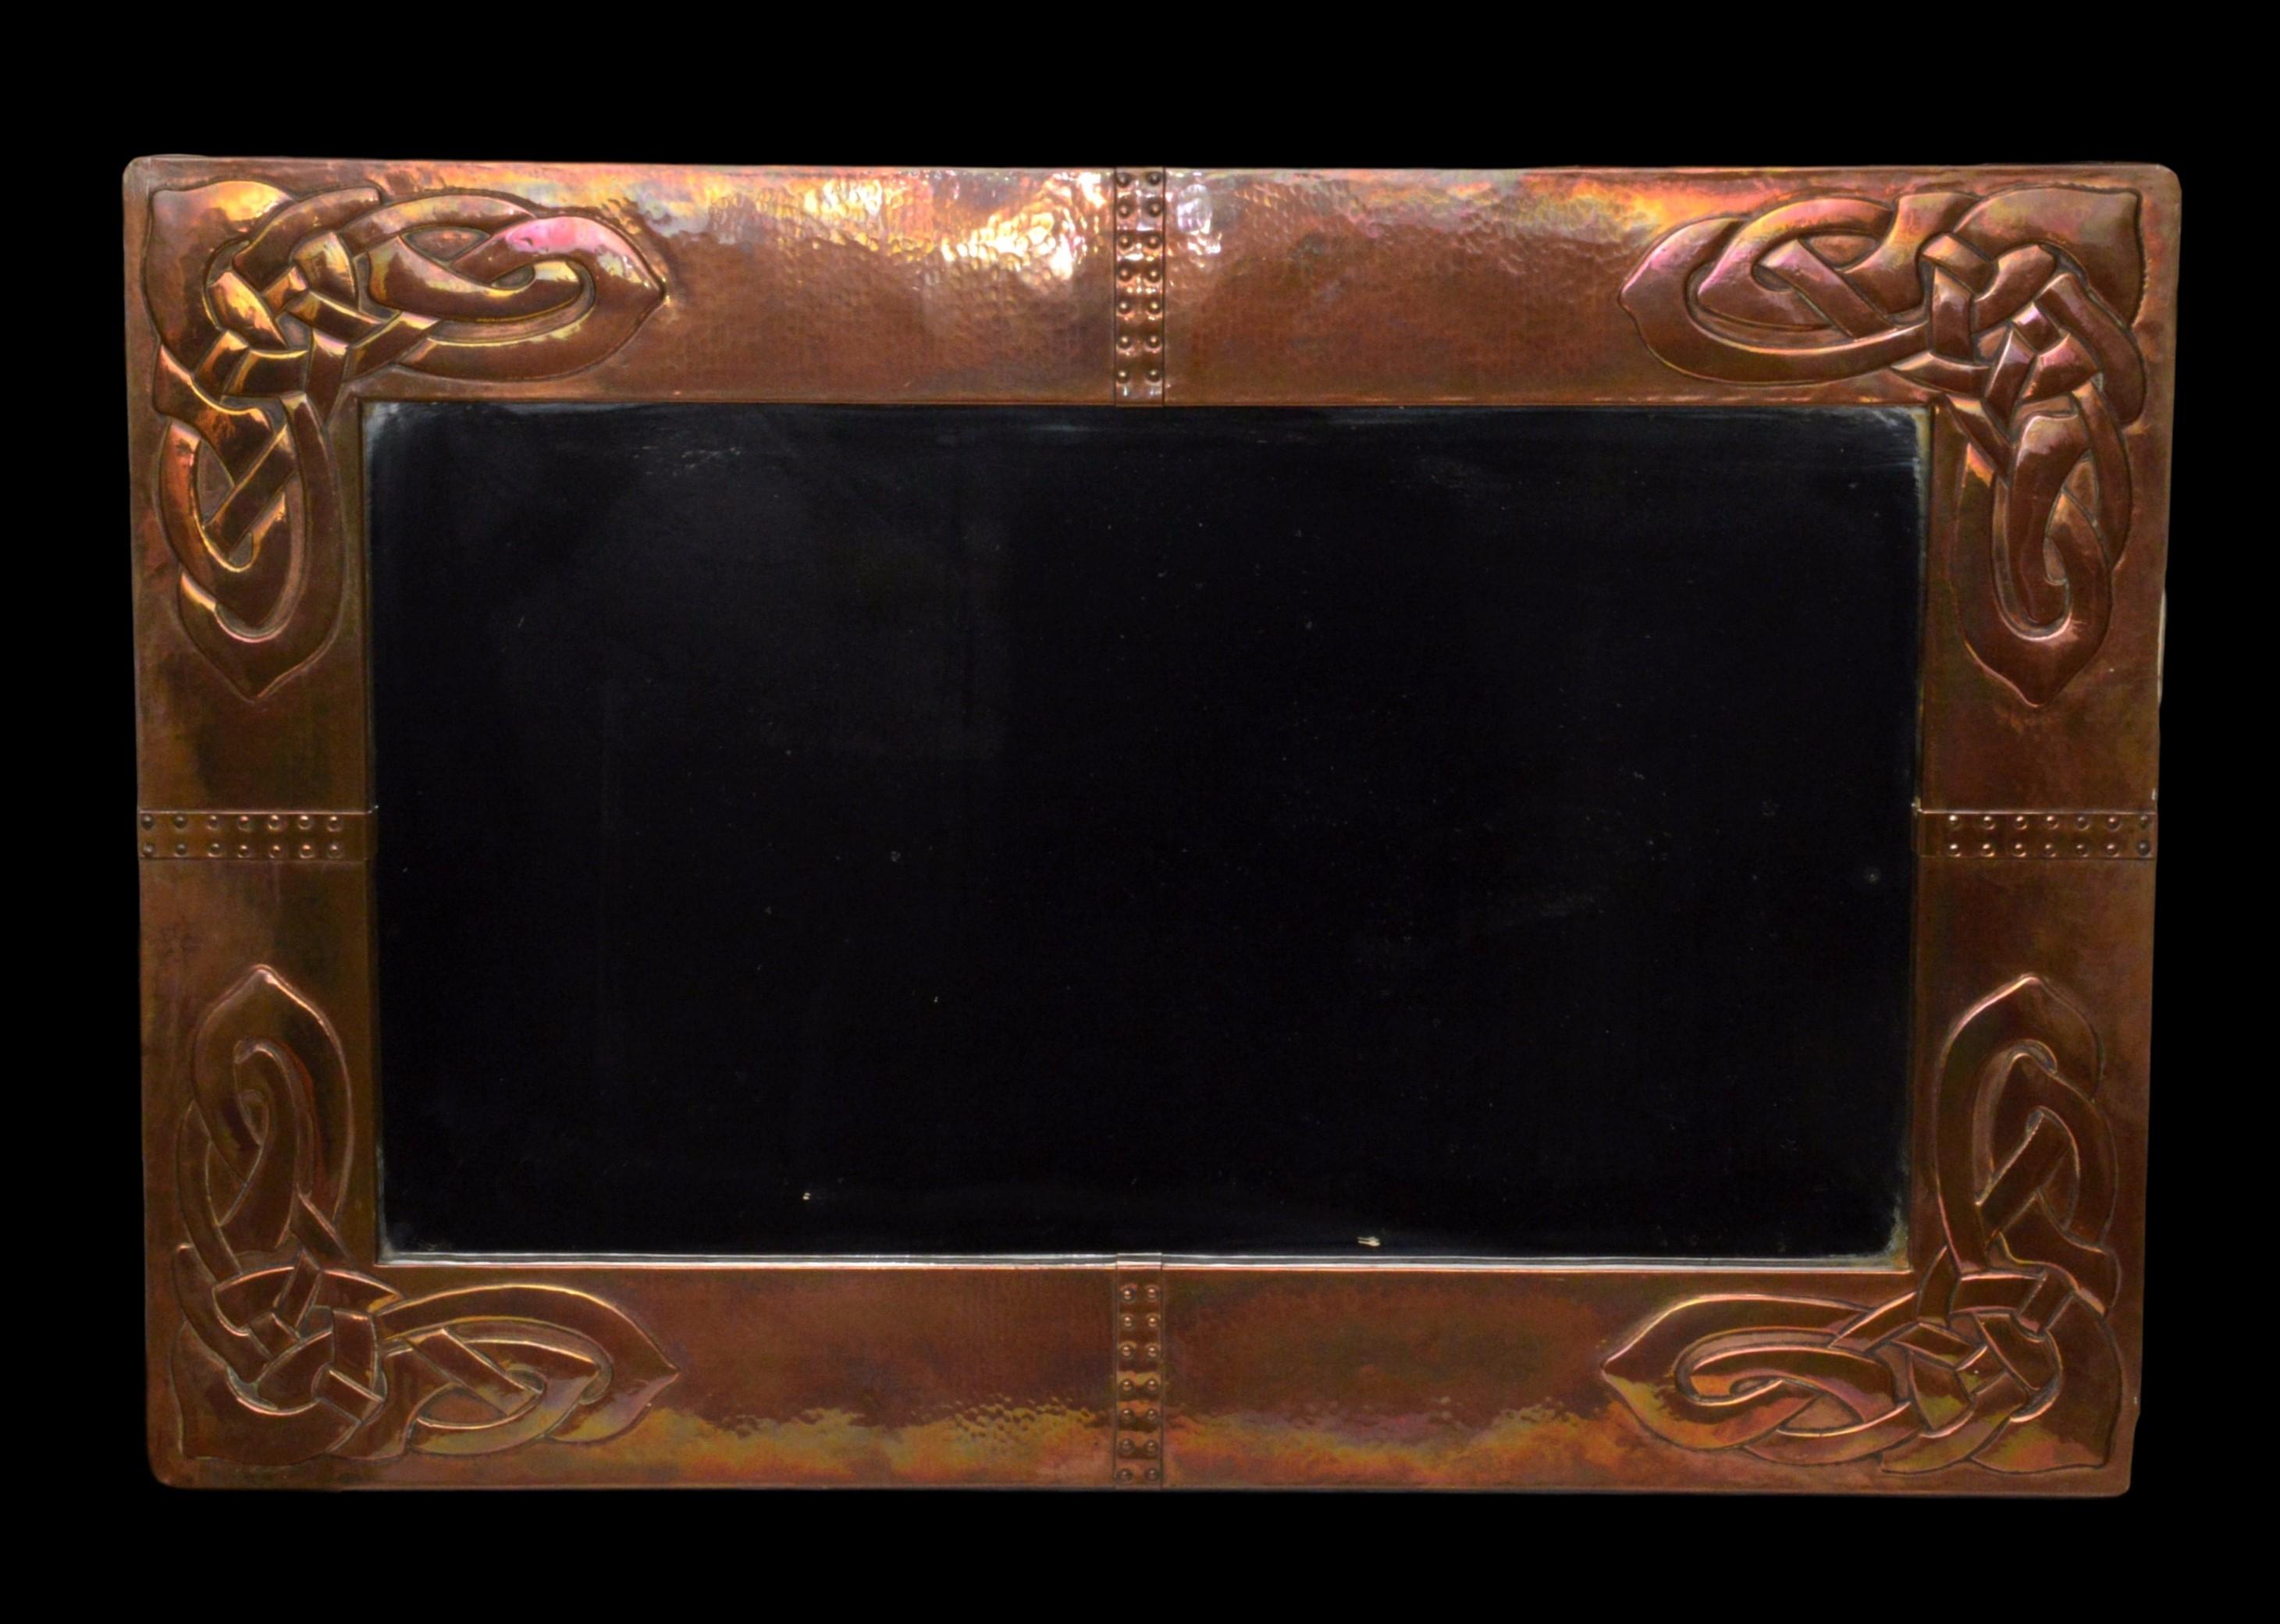 Archibald Knox mirror